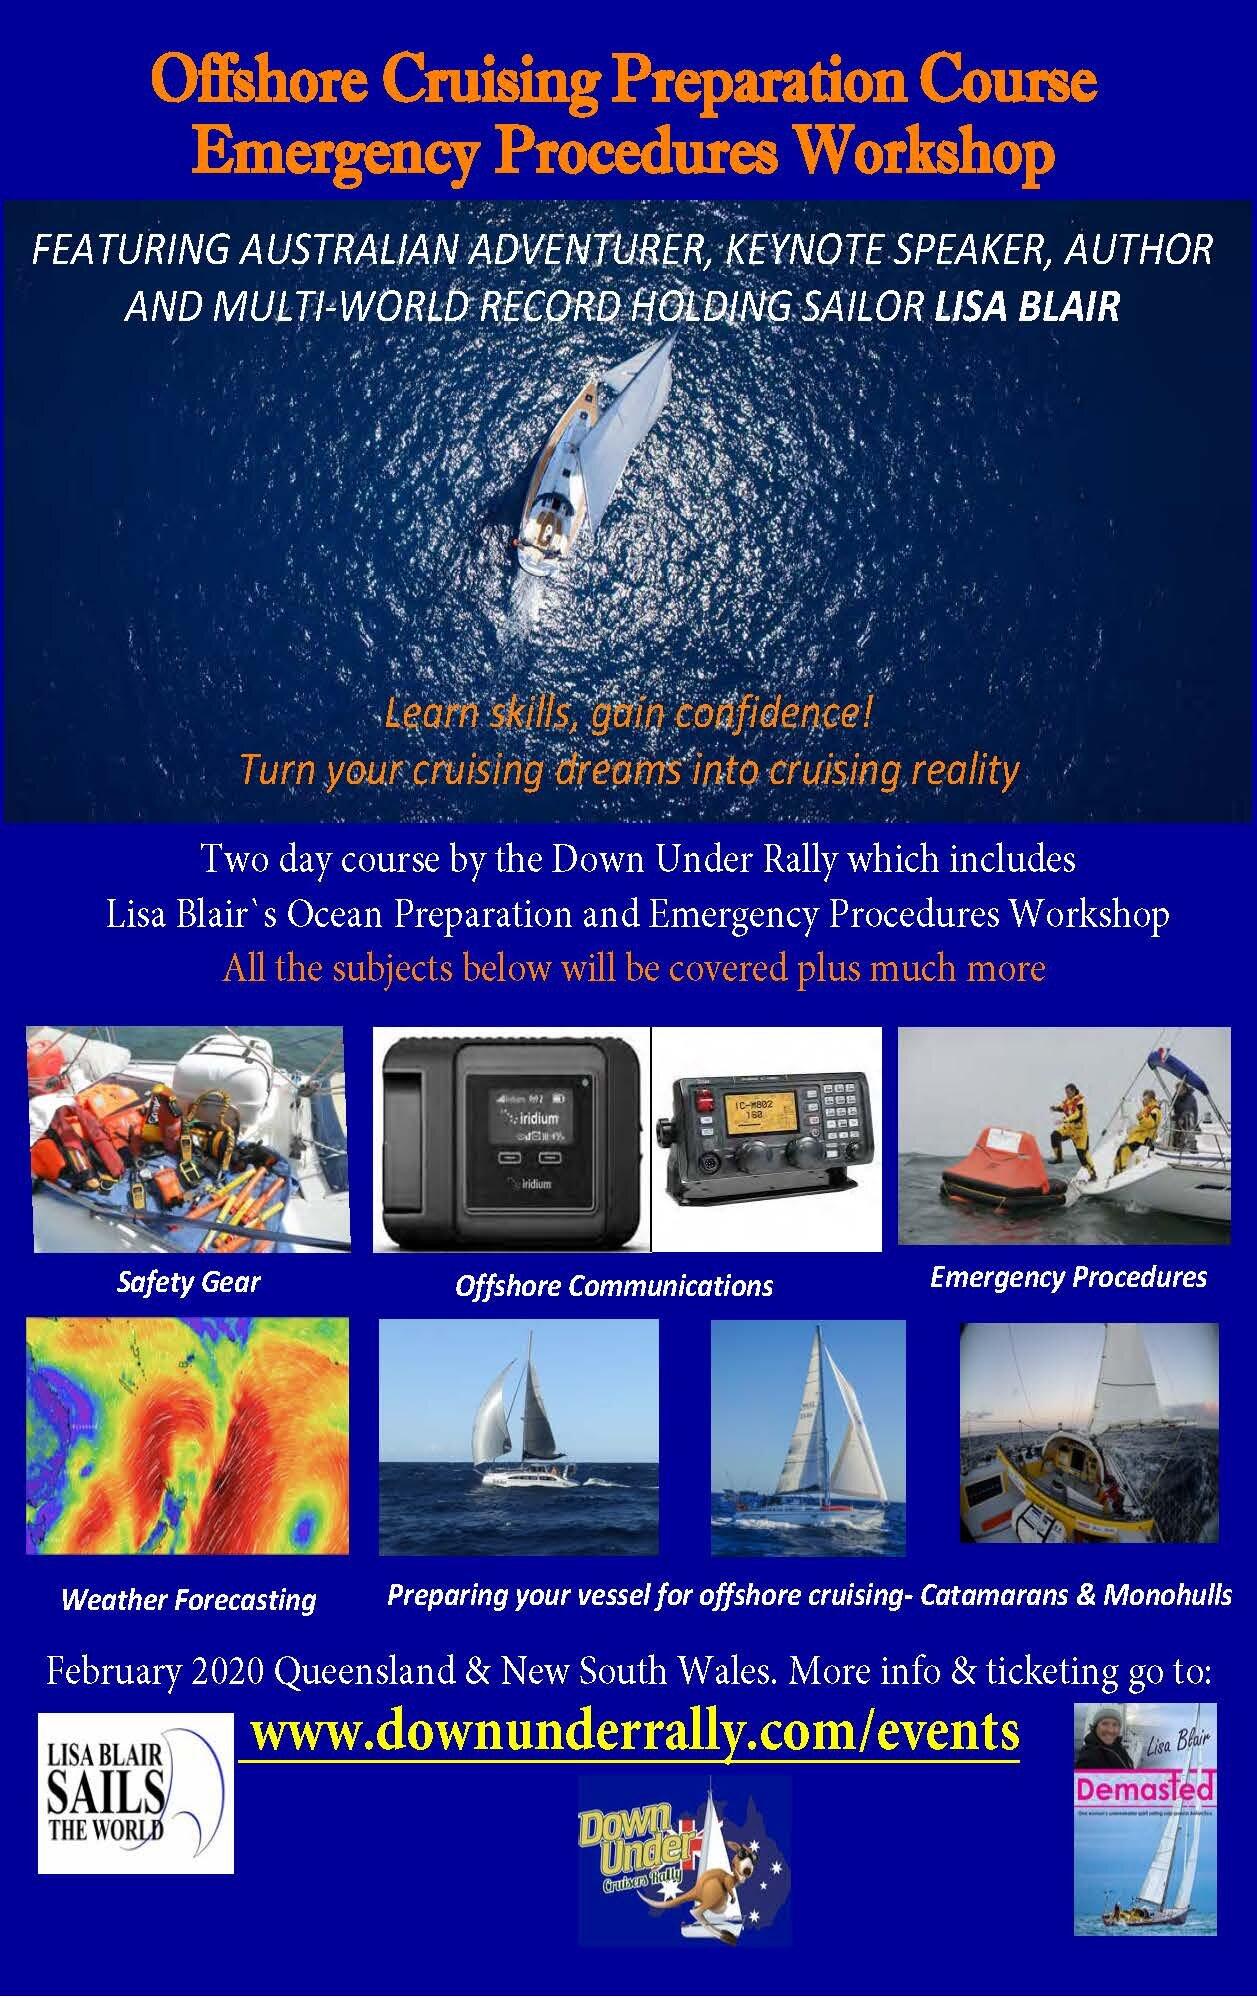 Offshore Cruising Prep Courses_Feb2020_rfs.jpg